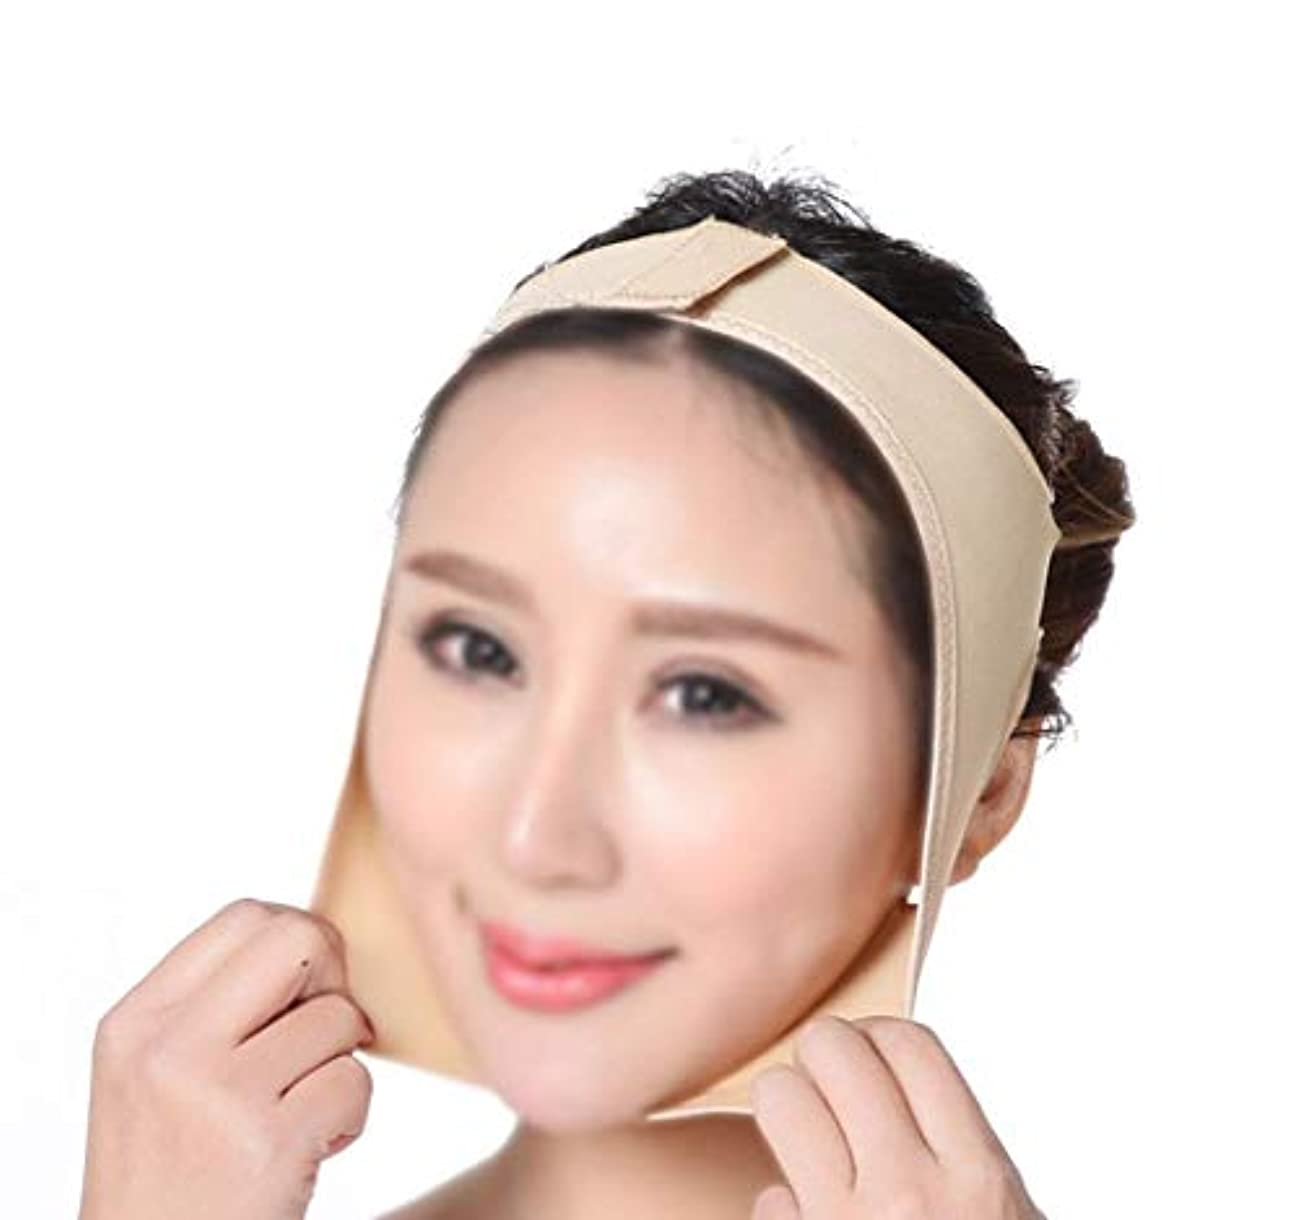 費用大人腕ファーミングフェイスマスク、通気性フェイスバンデージVフェイスデバイススリープ薄型フェイスマスクフェイスマッサージ器具フェイスリフティングフェイスリフティングツール(サイズ:Xl),L